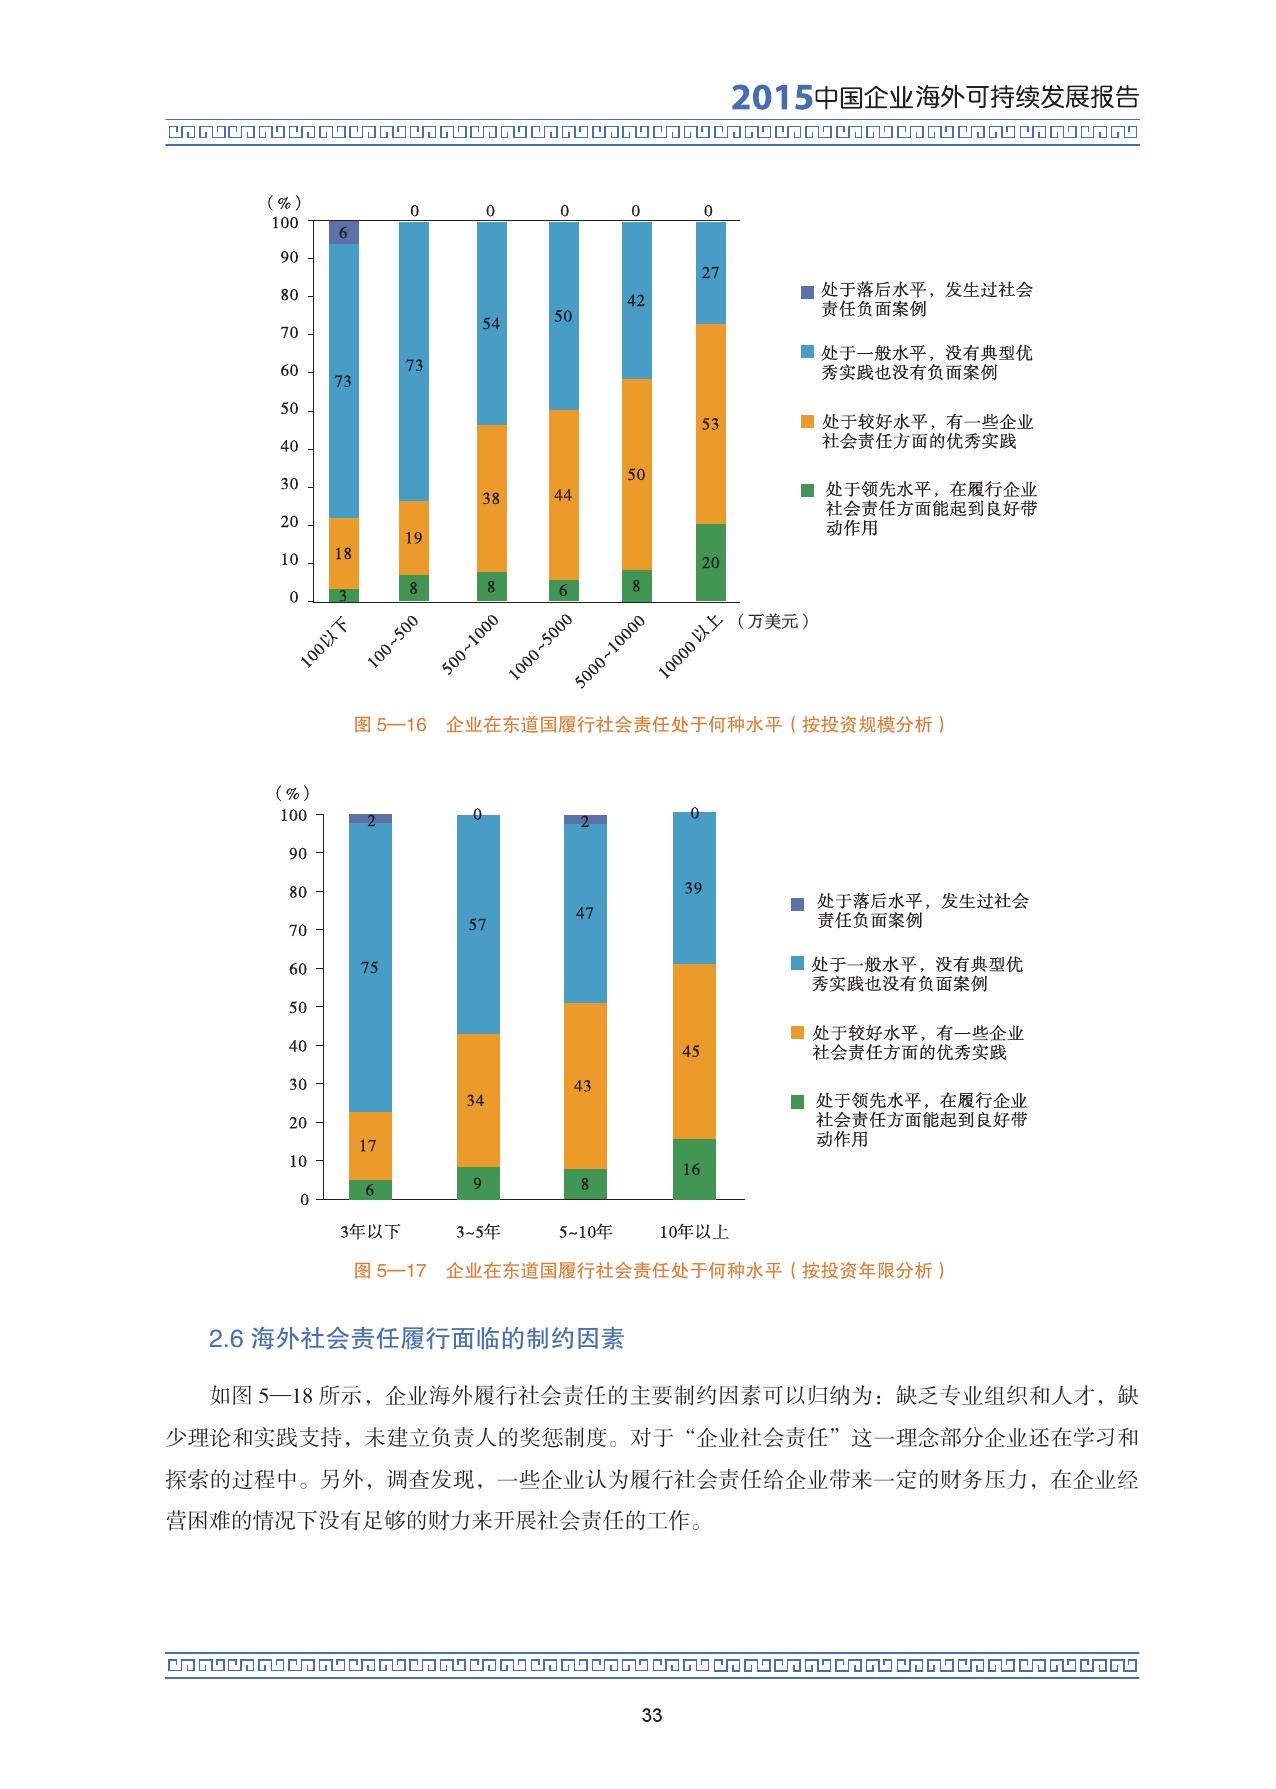 2015中国企业海外可持续发展报告_000047